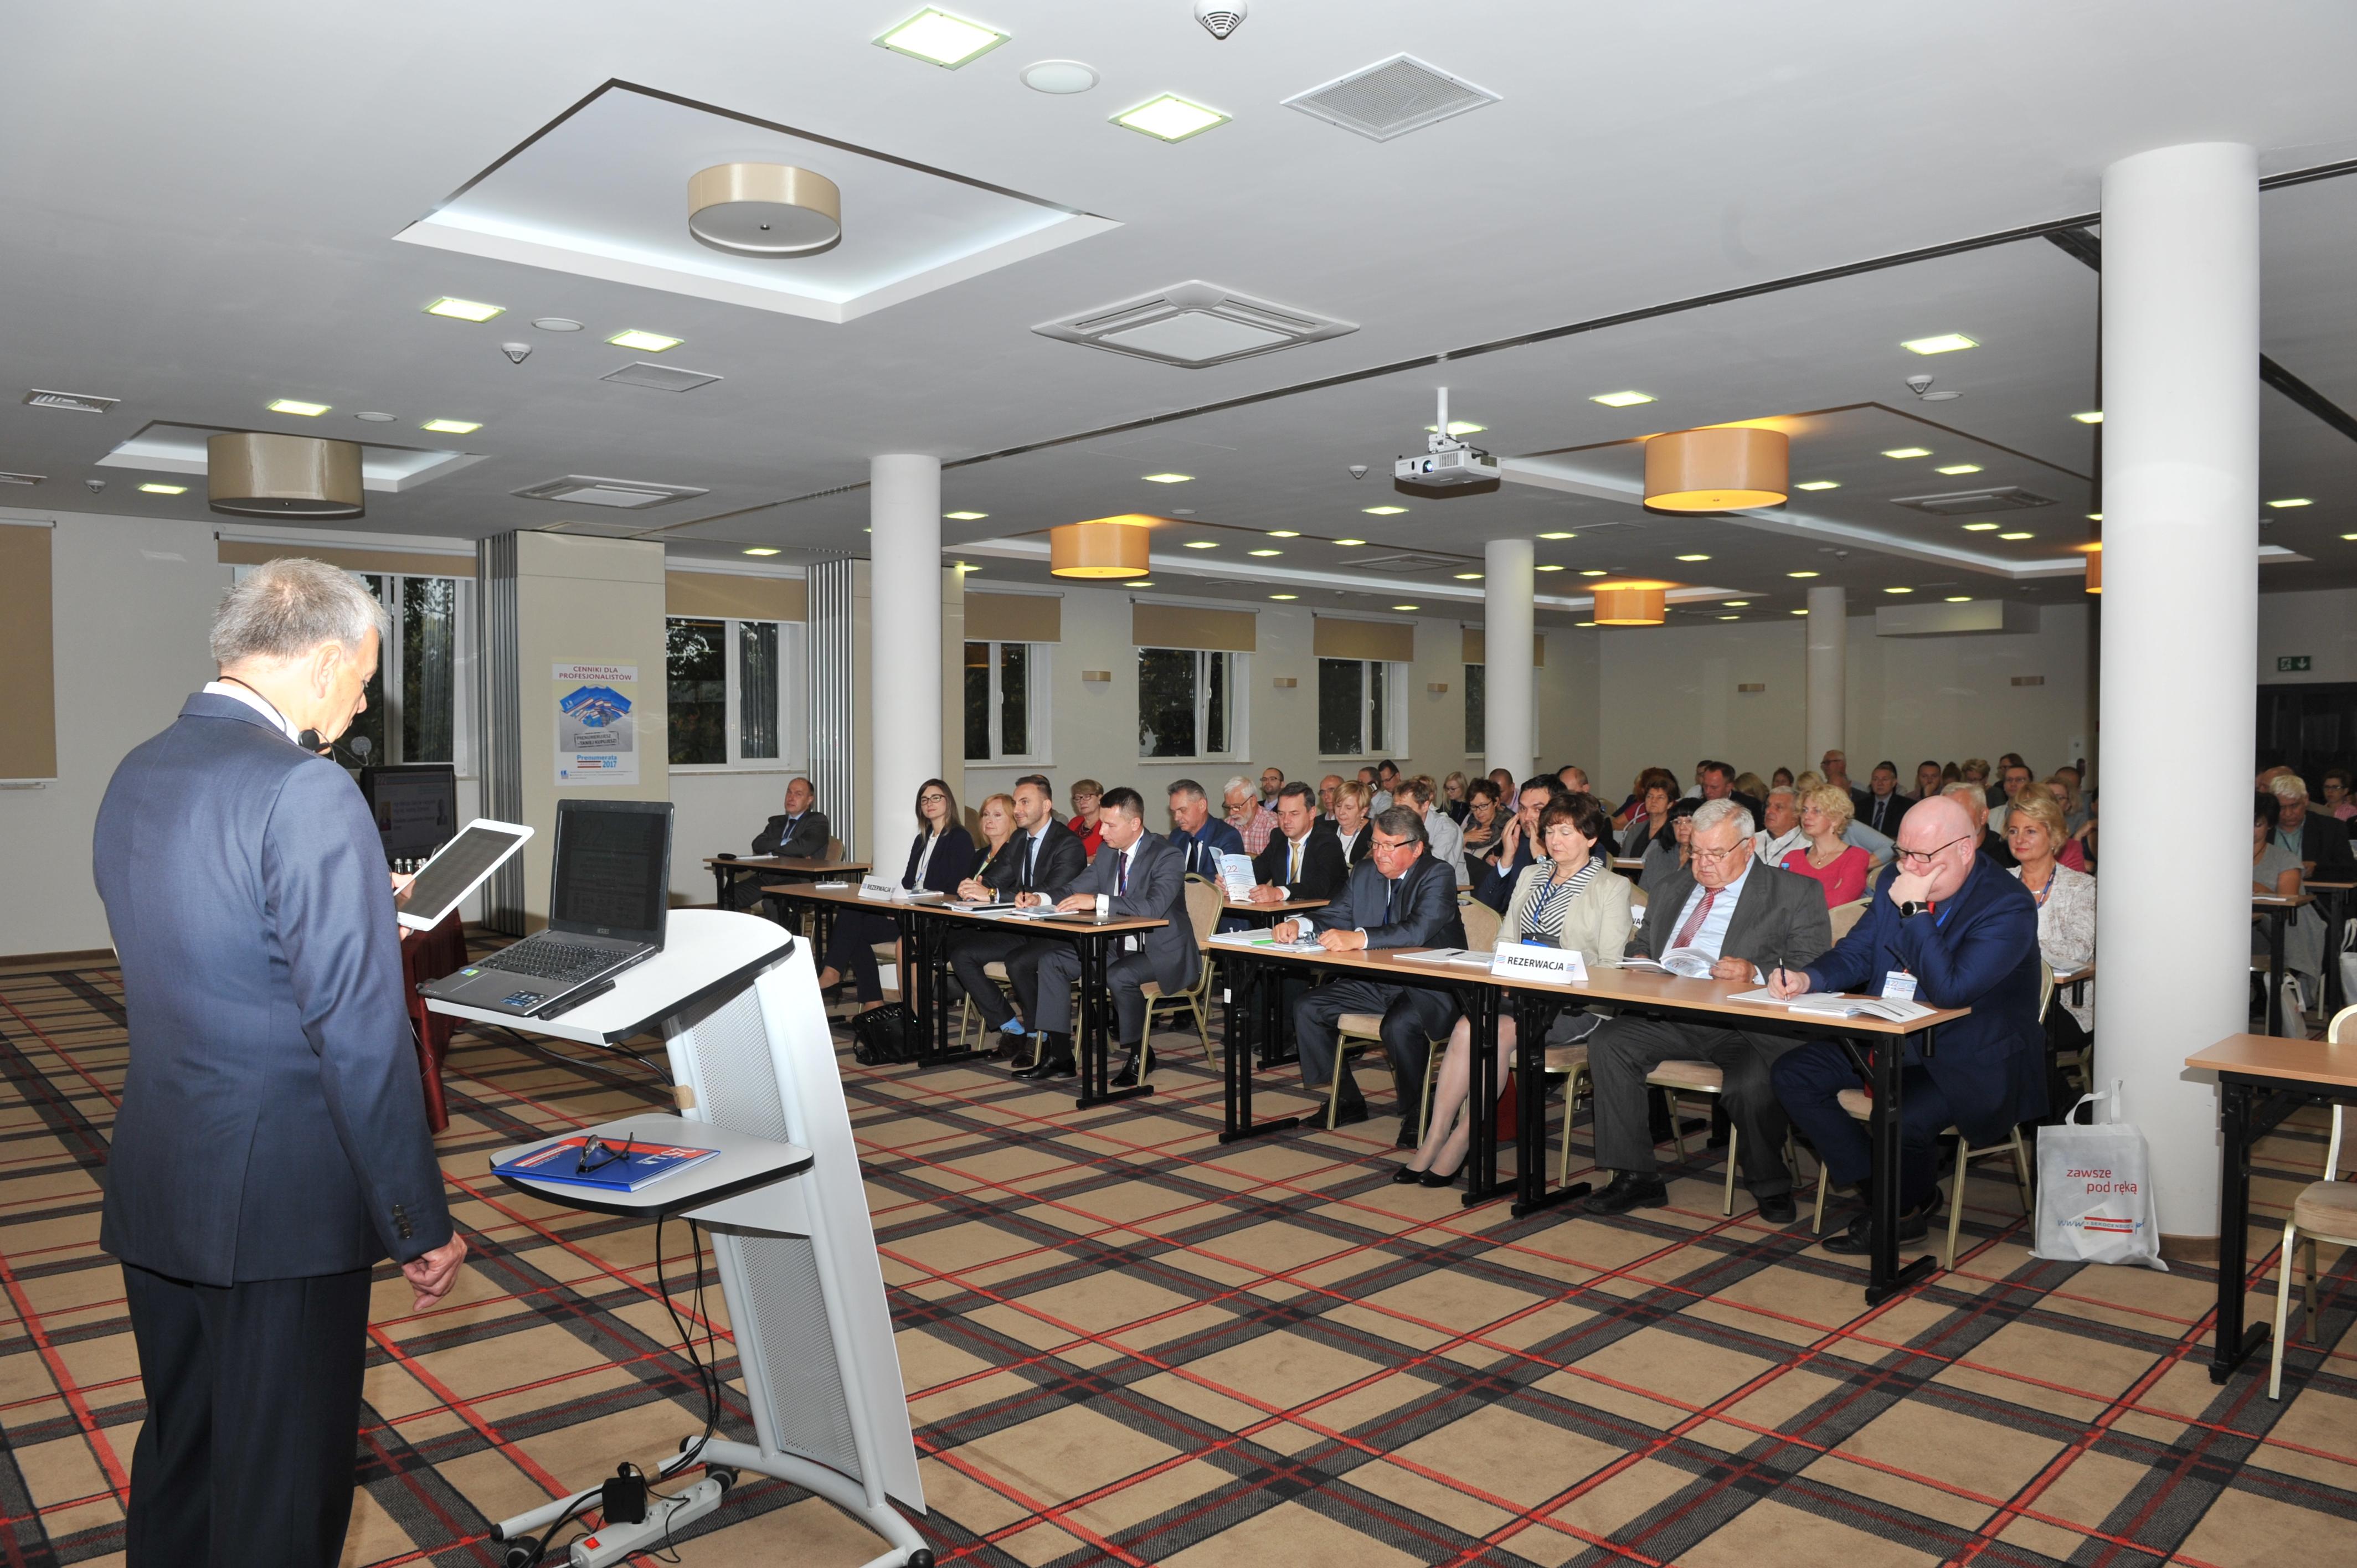 22-ga Konferencja naukowo-techniczna w Ciechocinku już za nami